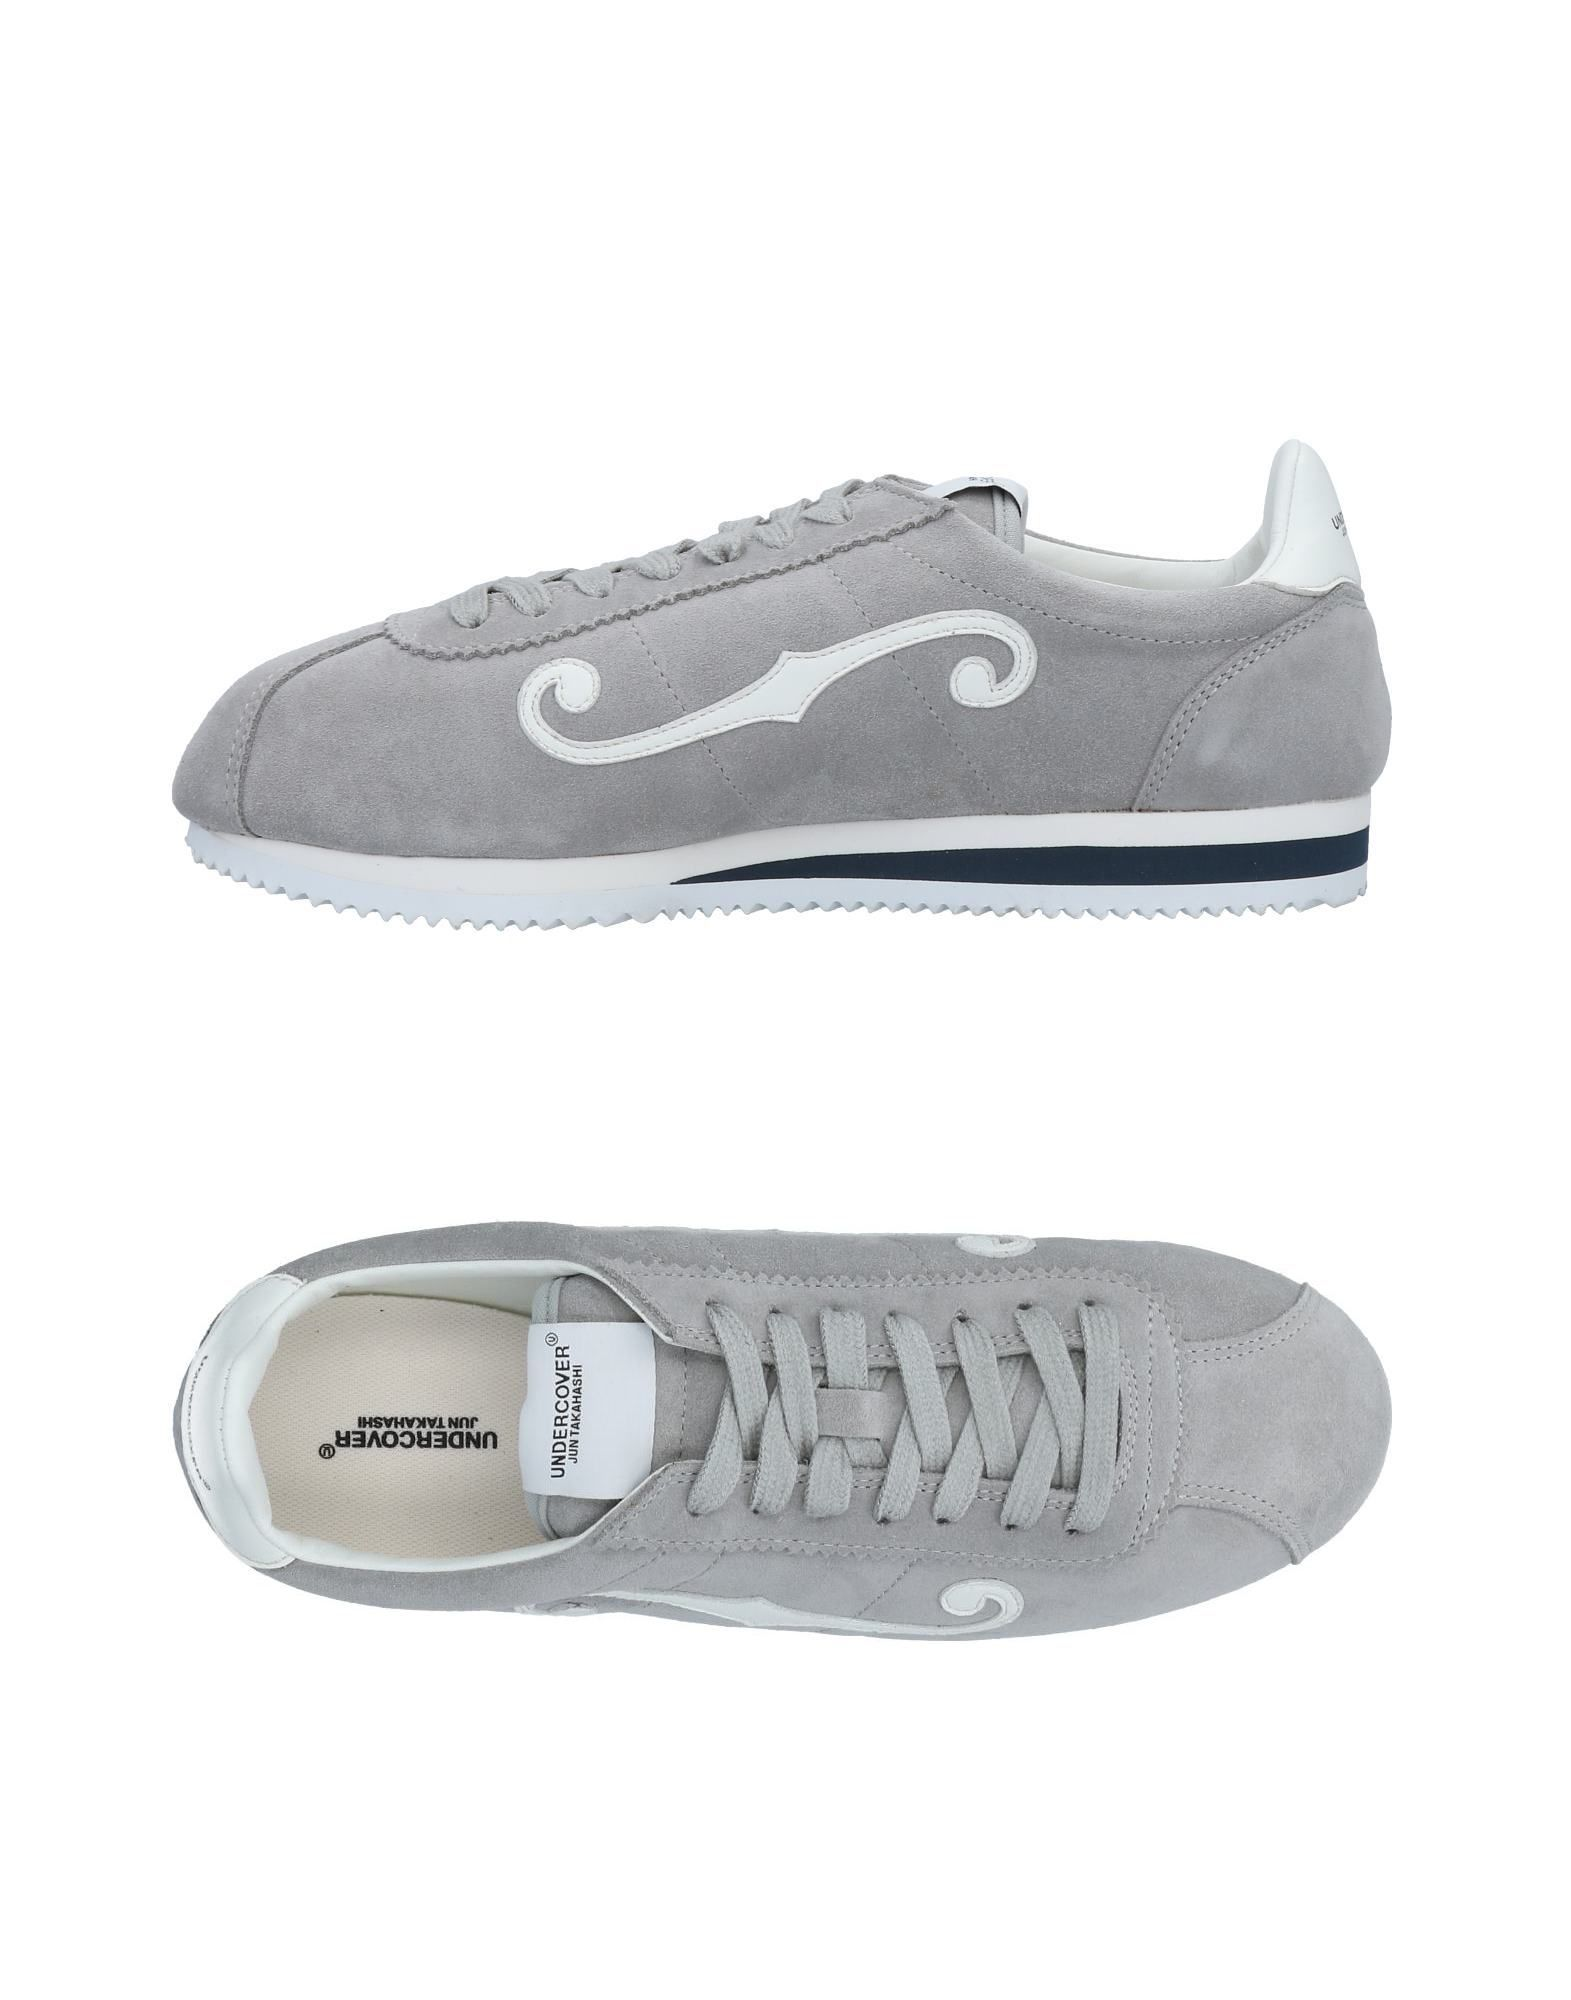 Undercover Sneakers Herren  11494766UR Gute Qualität beliebte Schuhe